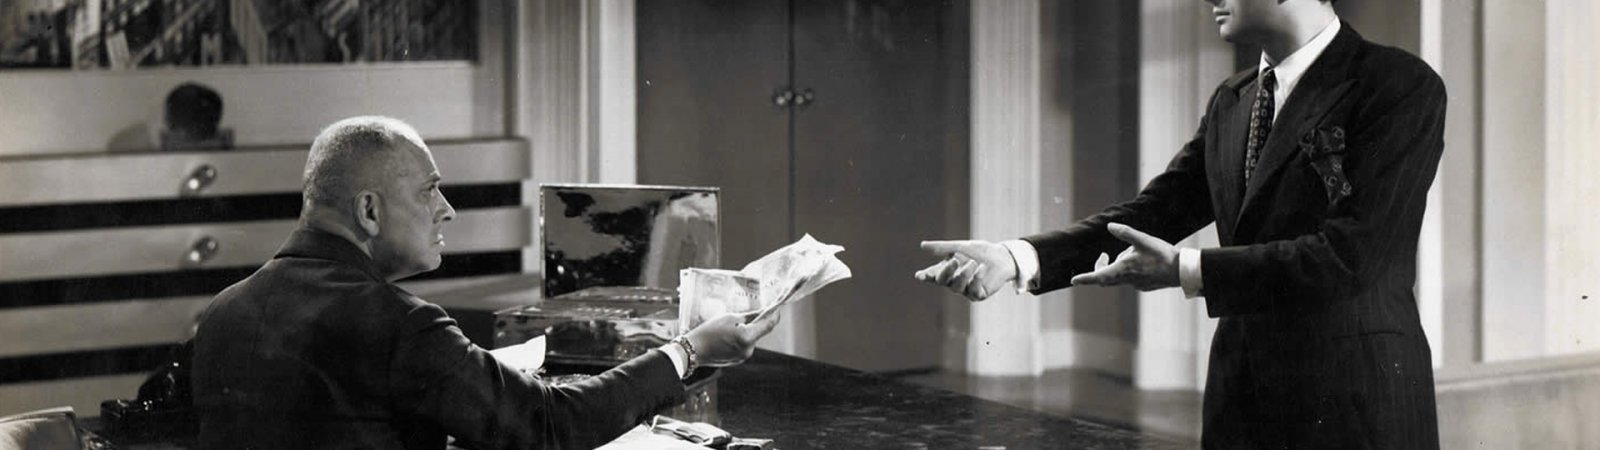 Photo dernier film  Bernard-deschamps